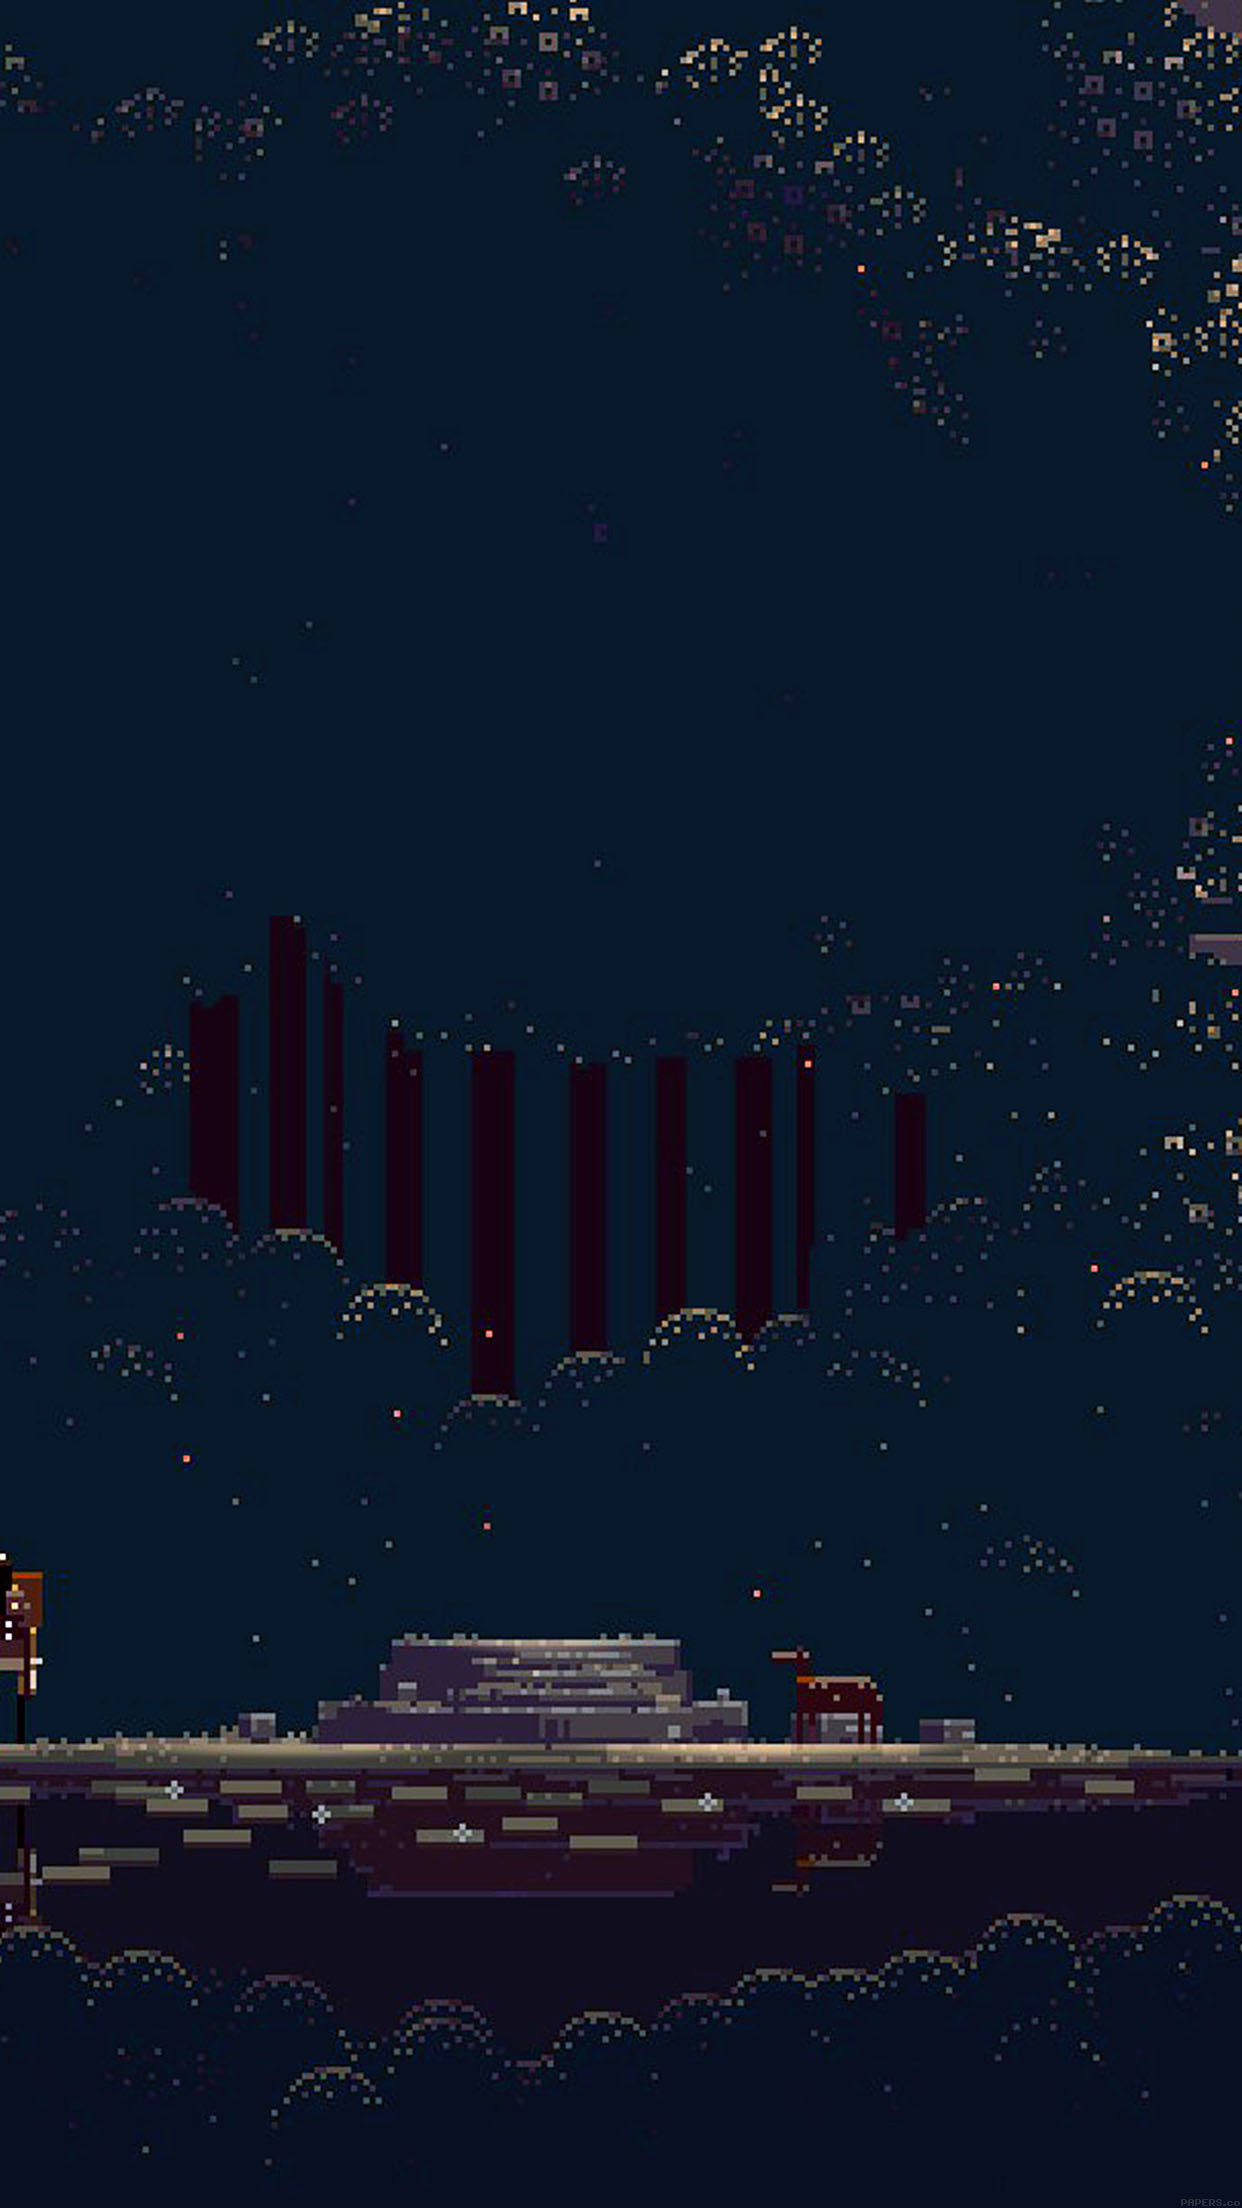 8-Bit-Game-Mario-2048×2048